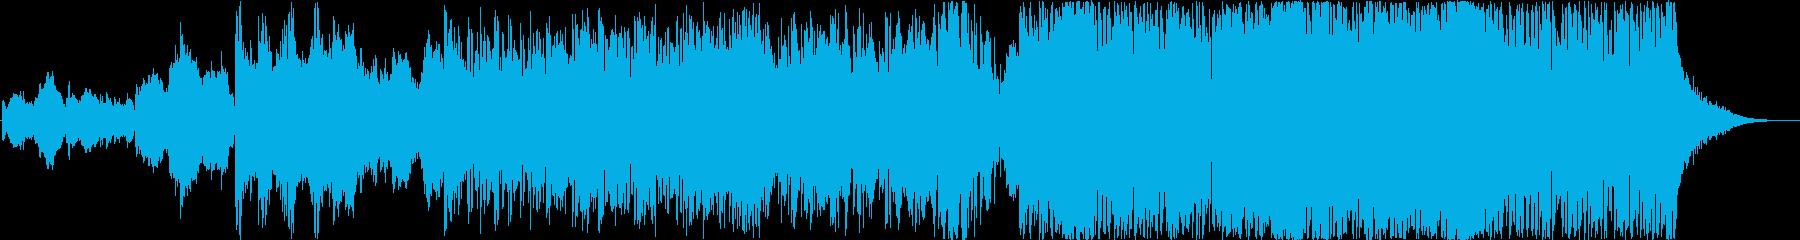 お正月にぴったりな和風オーケストラロックの再生済みの波形